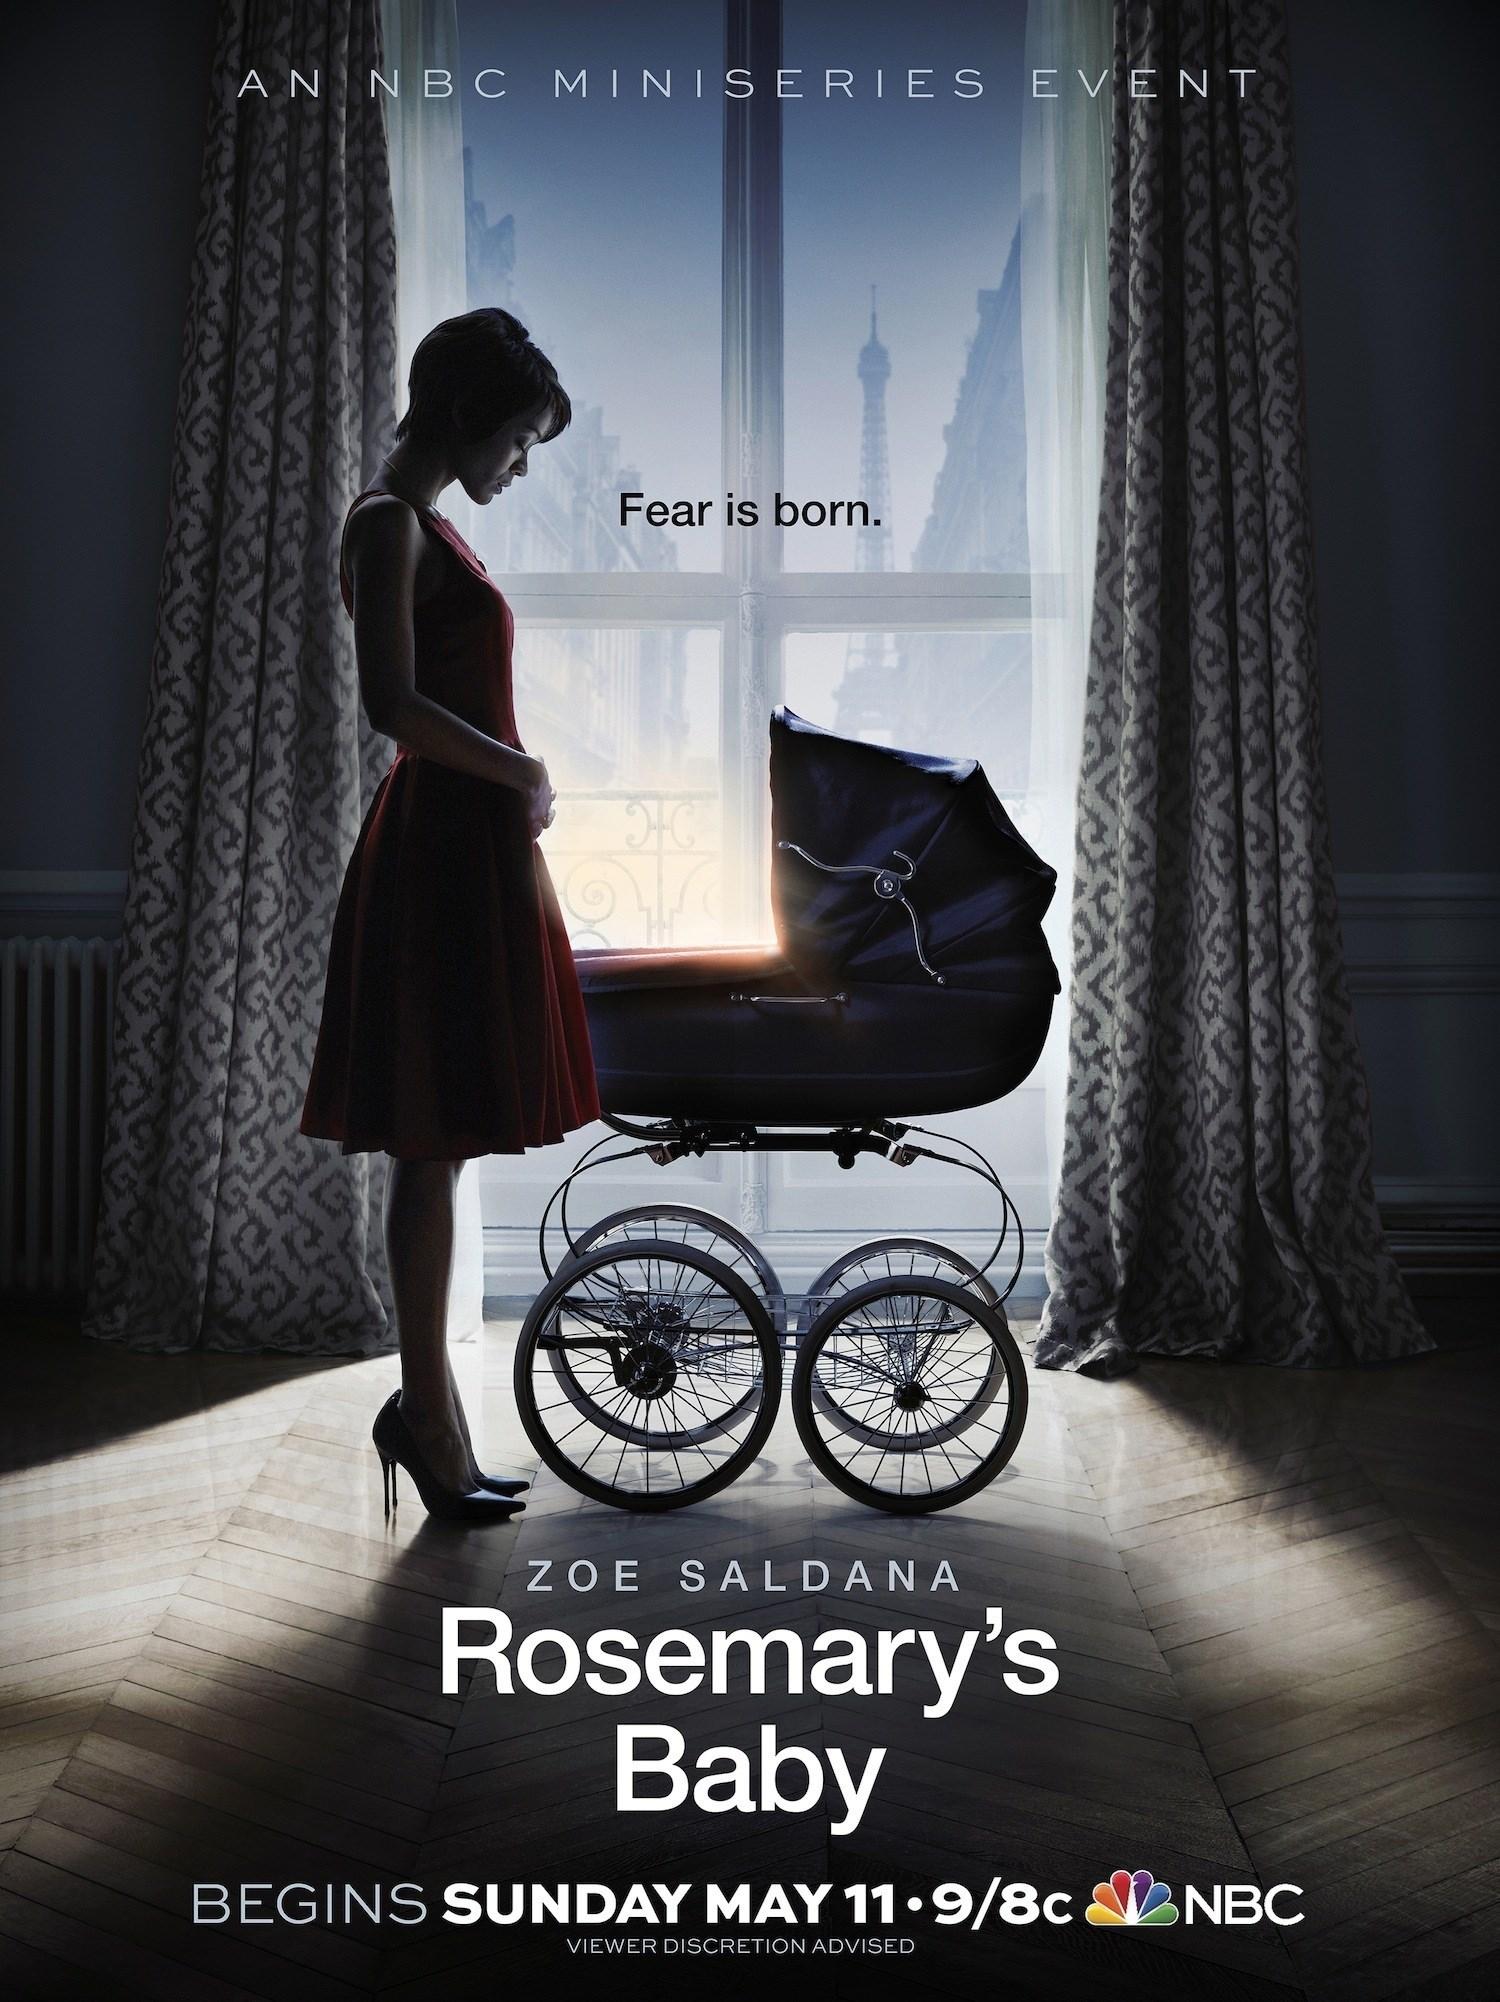 Rosemary's baby : entre horreur et thriller